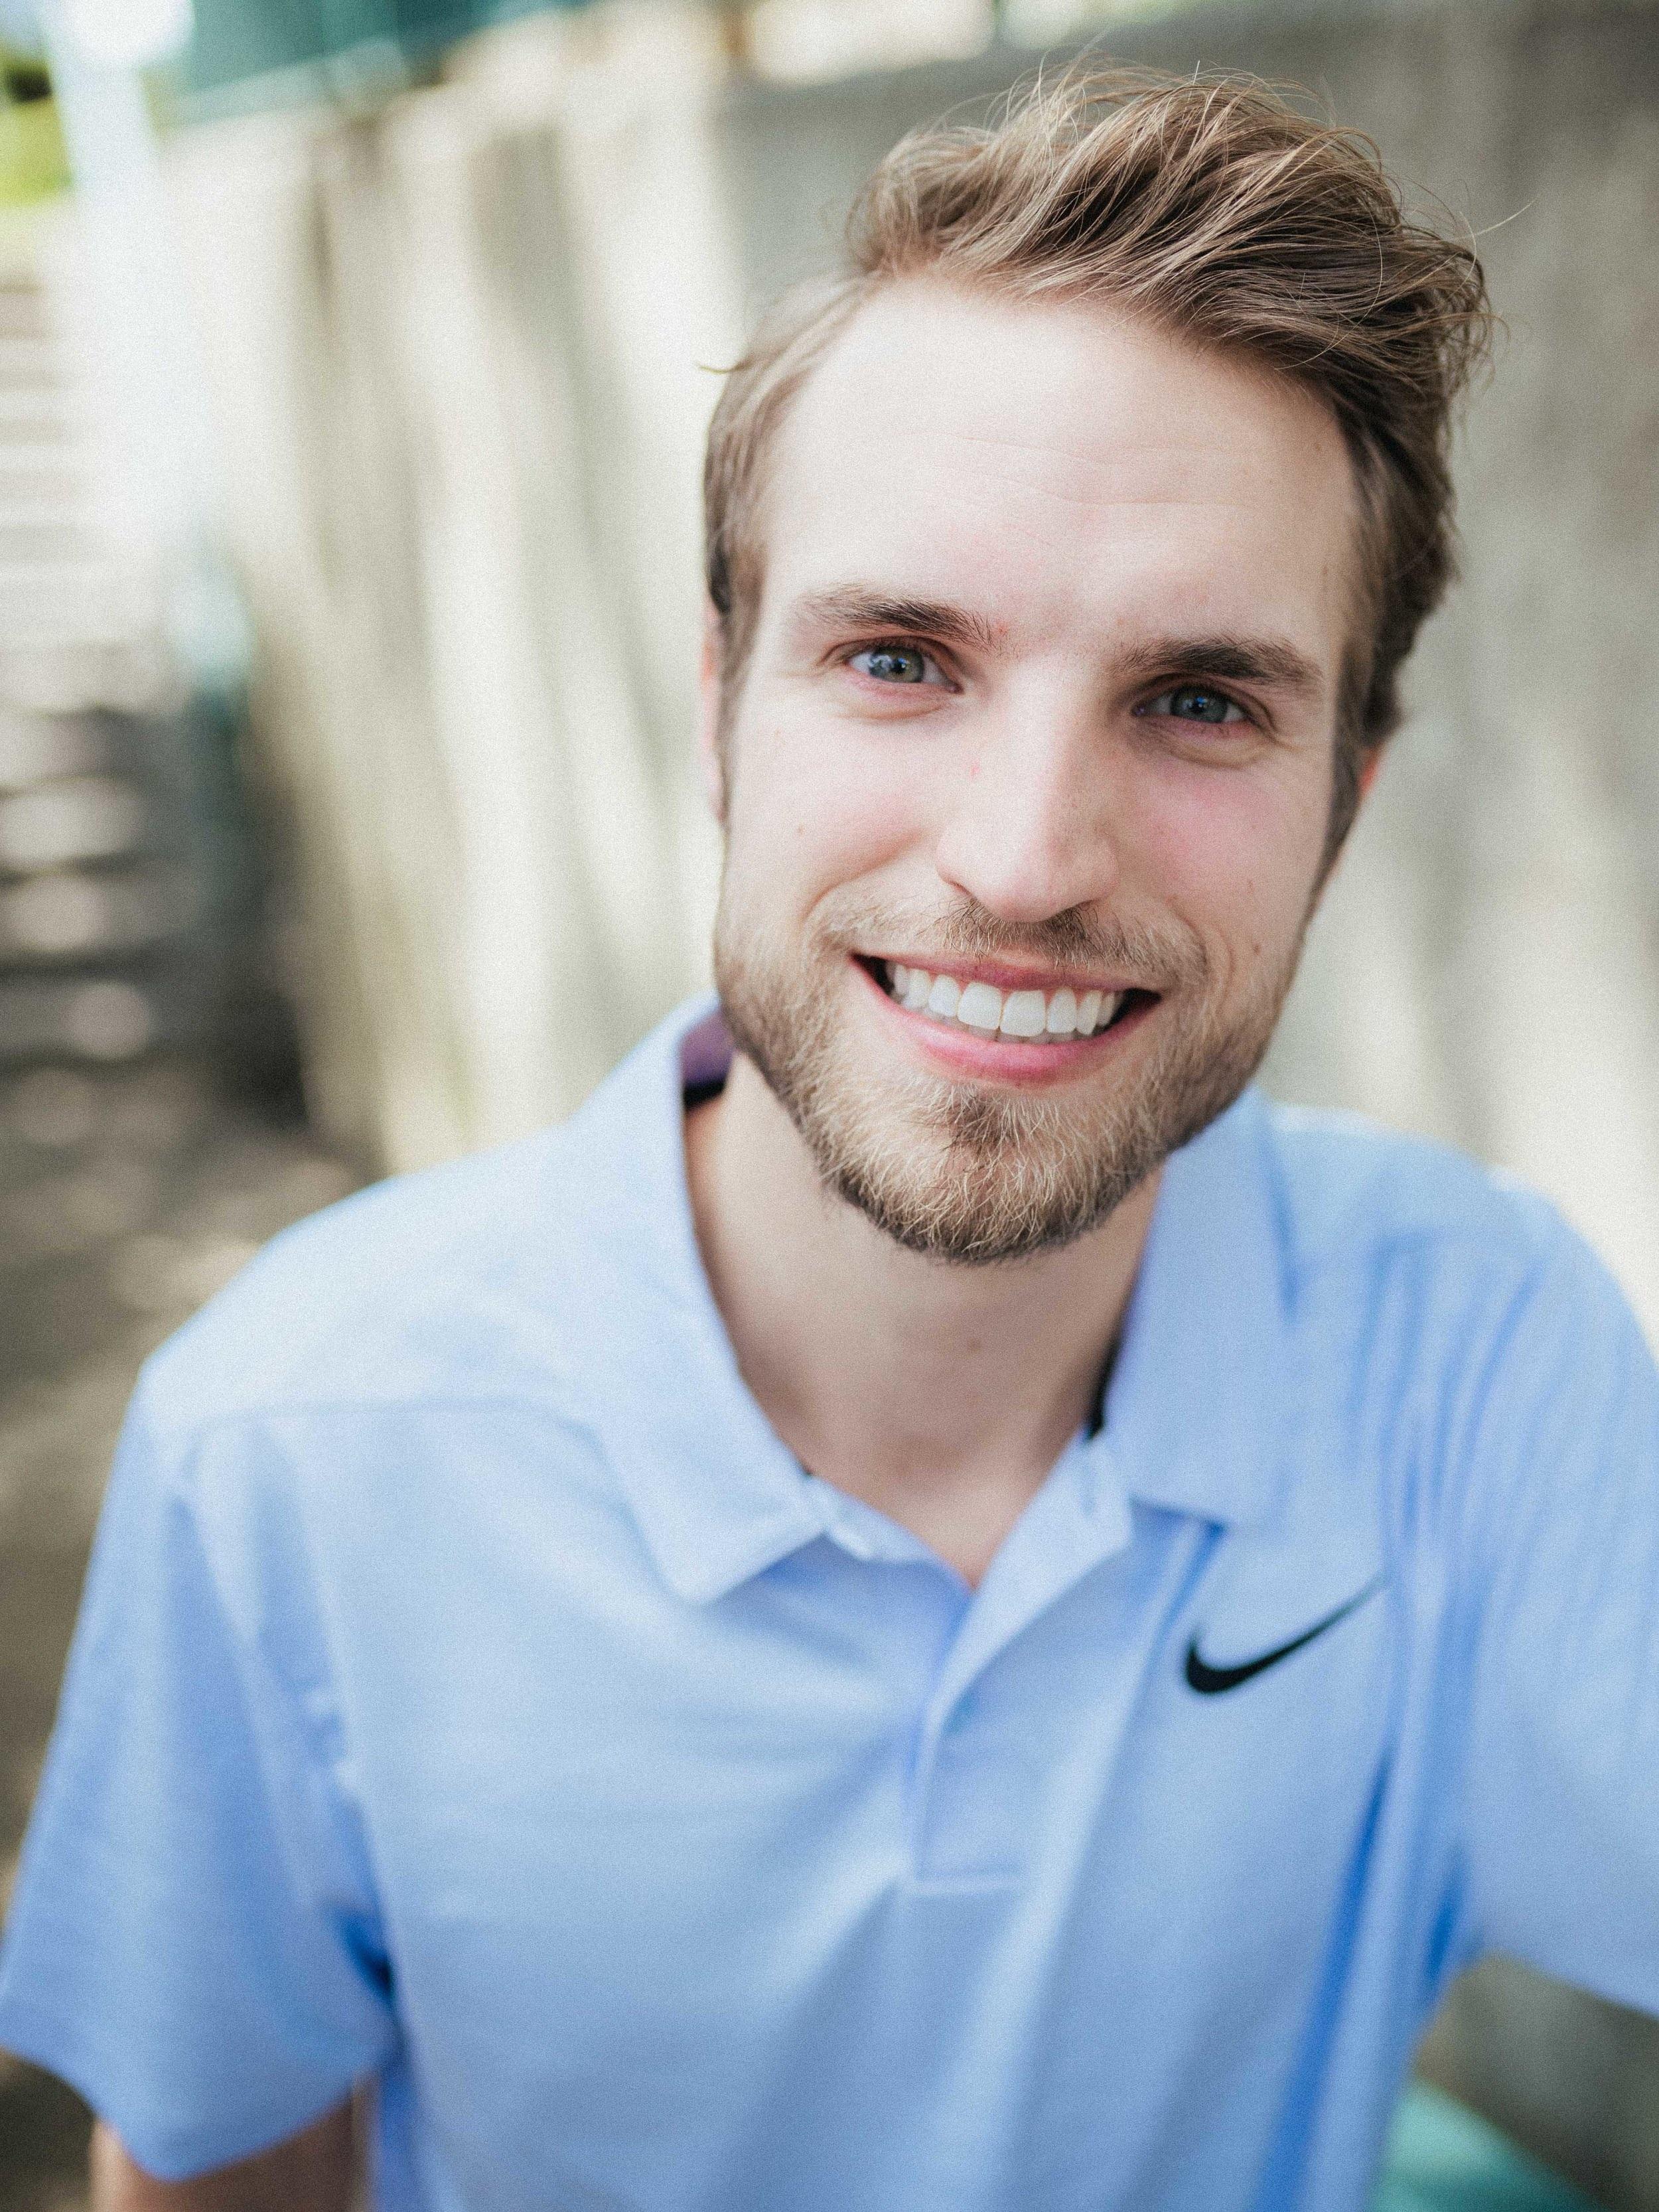 Sean - Producer & Filmmaker